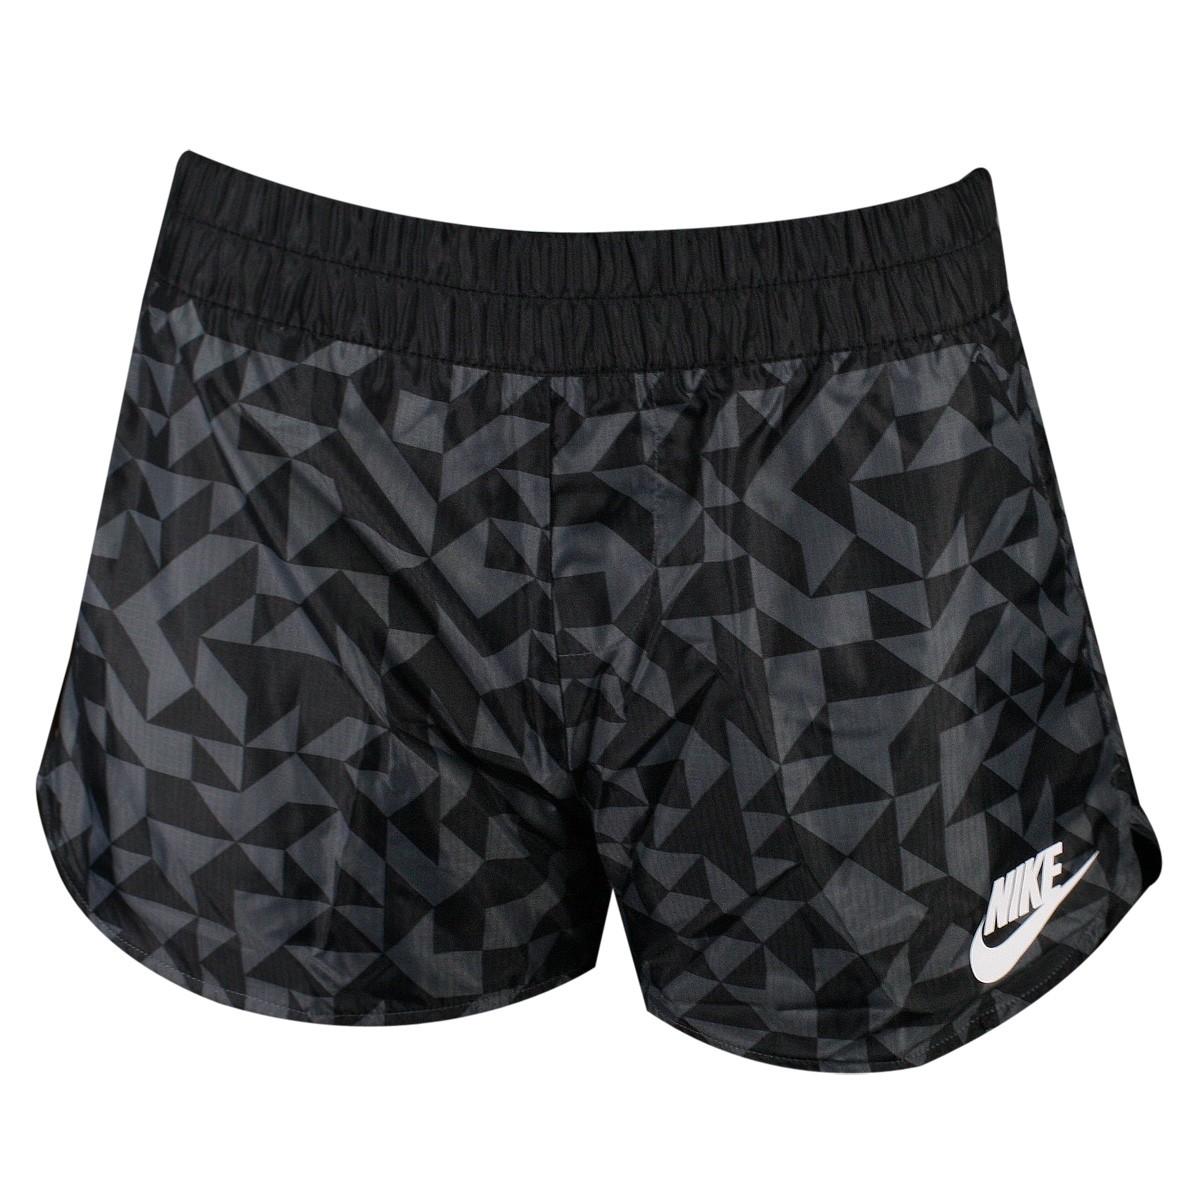 Short Feminino Nike Tangrams 829731 010 Cinza Preto 6eeb92d879f58